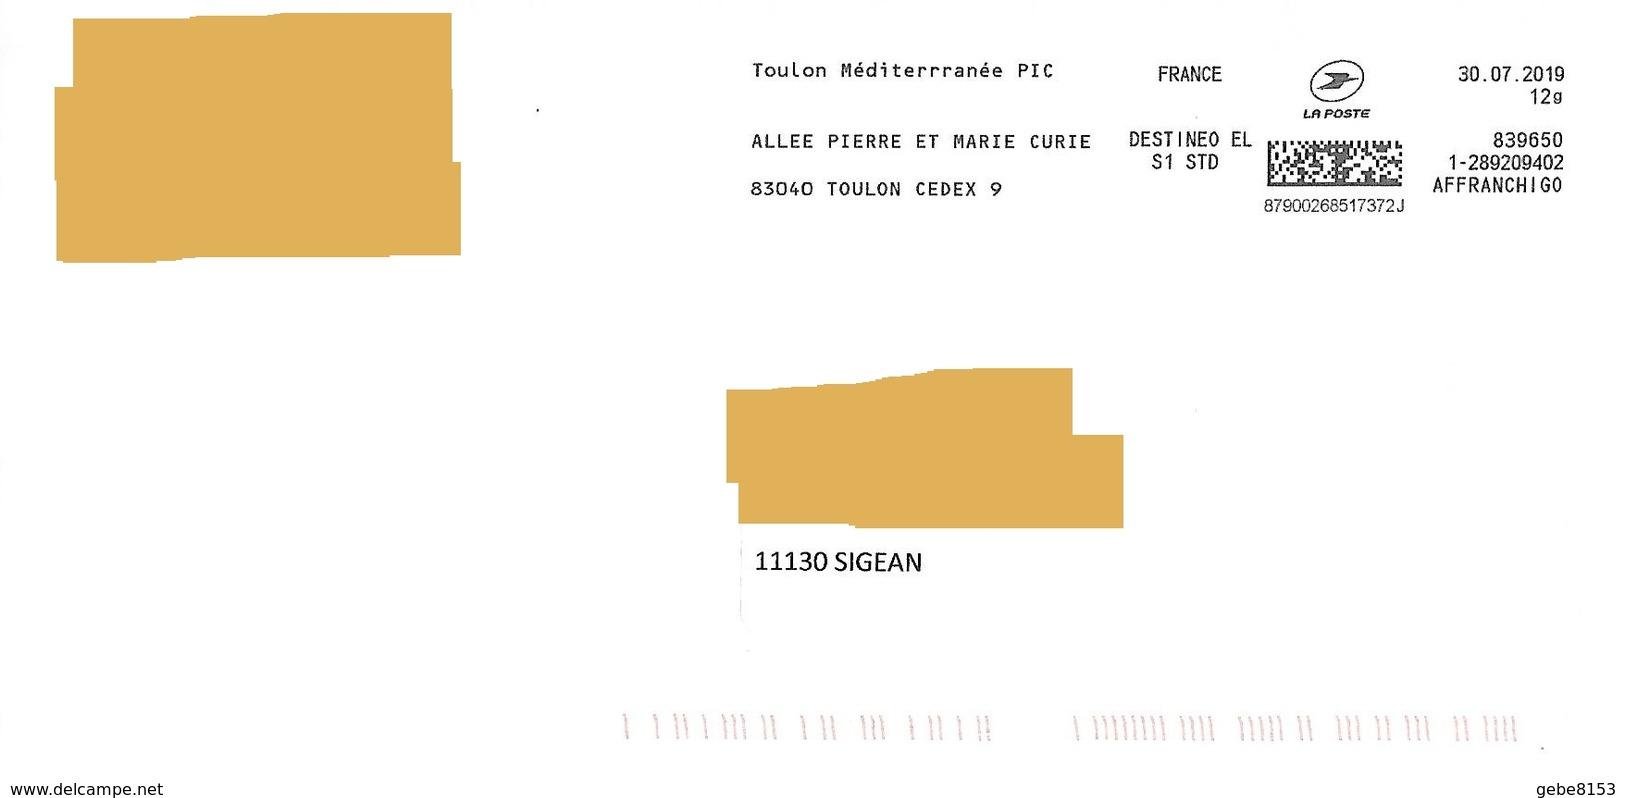 Affranchigo 12 Gr Destineo EL S1 STD Toulon Méditerranée Pic Pierre Et Marie Curie - Poststempel (Briefe)